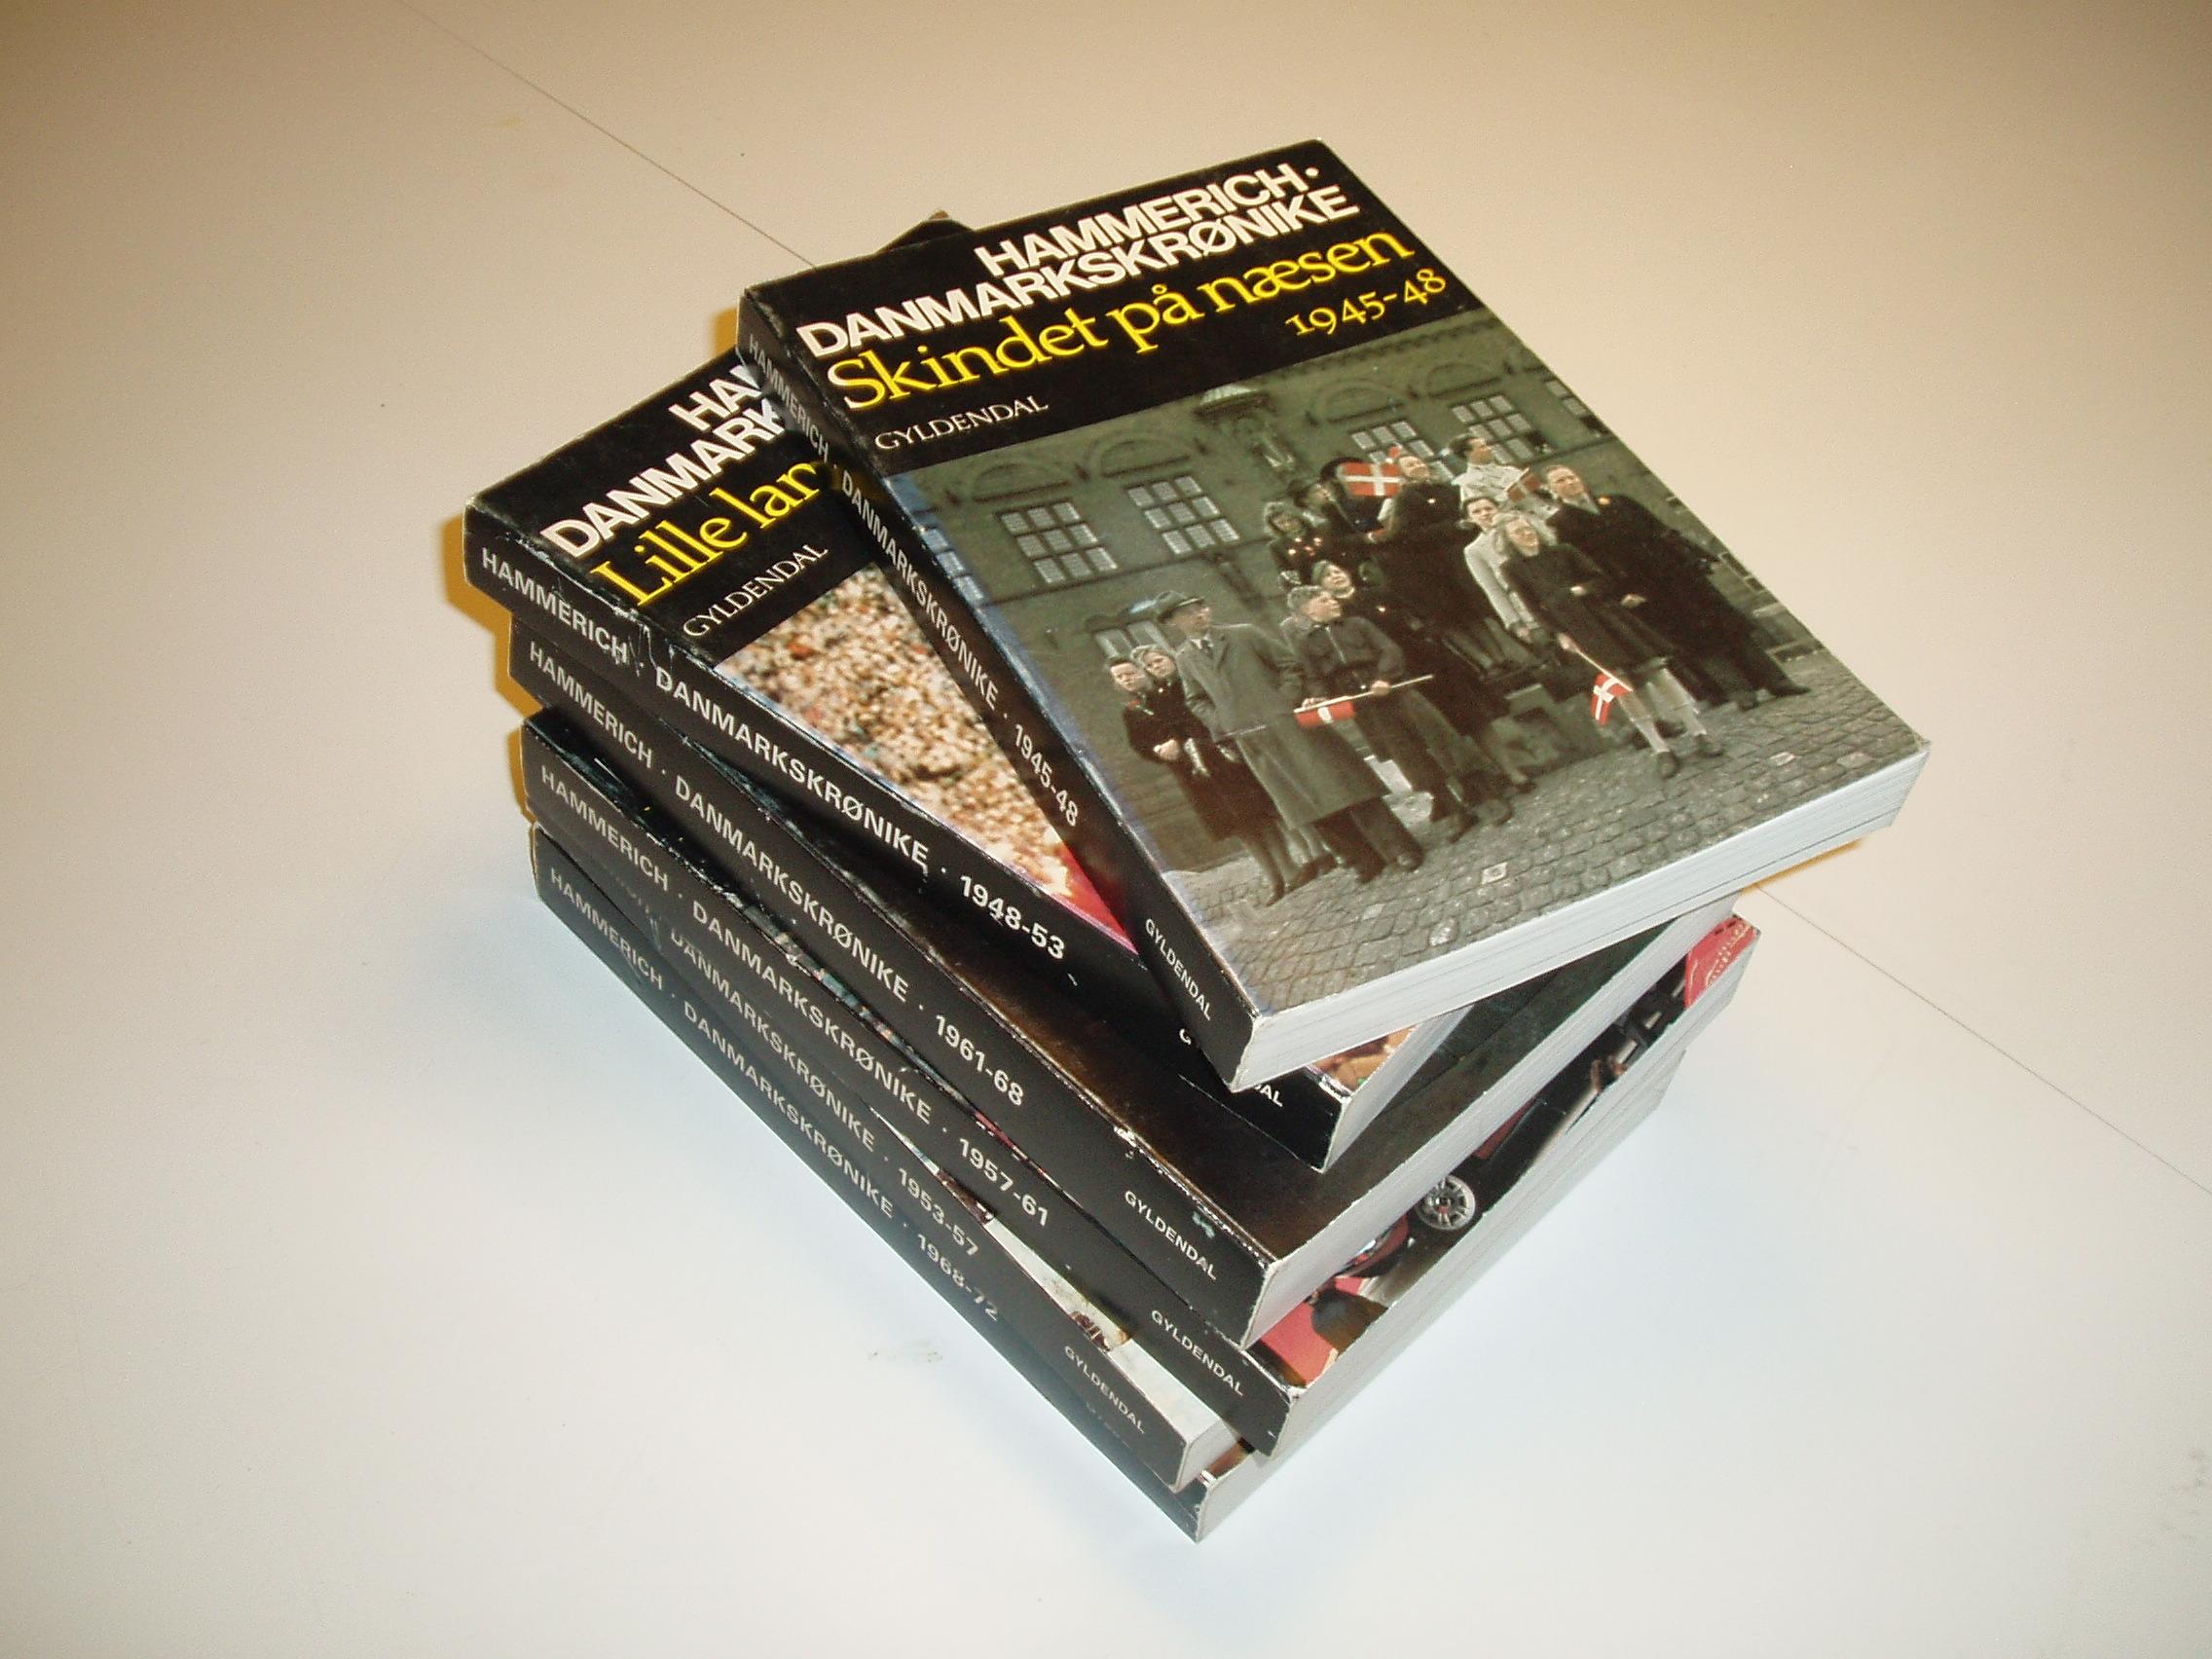 En Danmarkskrønike, bind 1-6. 1945-1972. 2. udgave